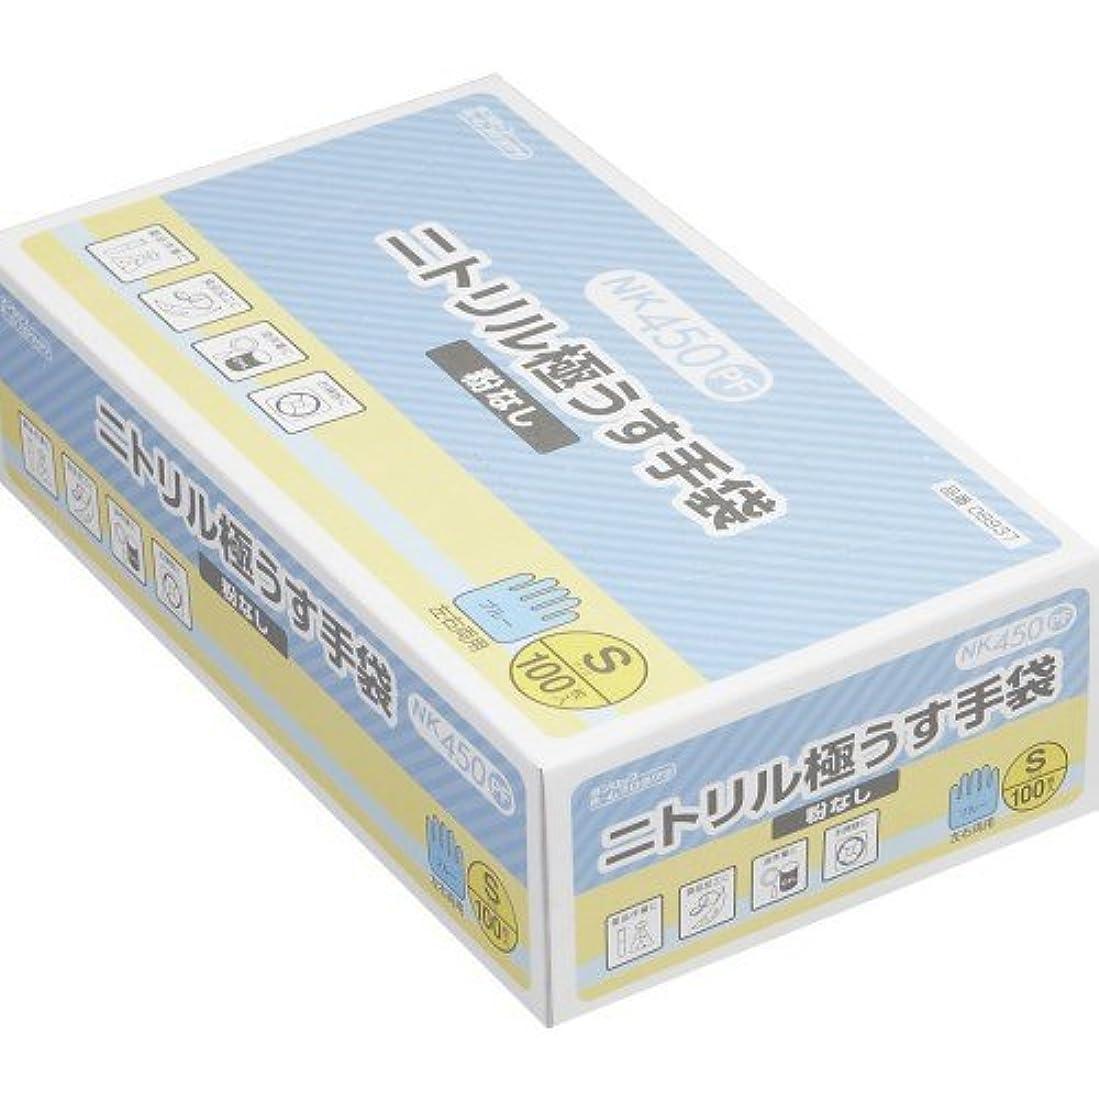 確かに保育園セクタ粉なしニトリル極うす手袋 100枚入 Sサイズ NK-450